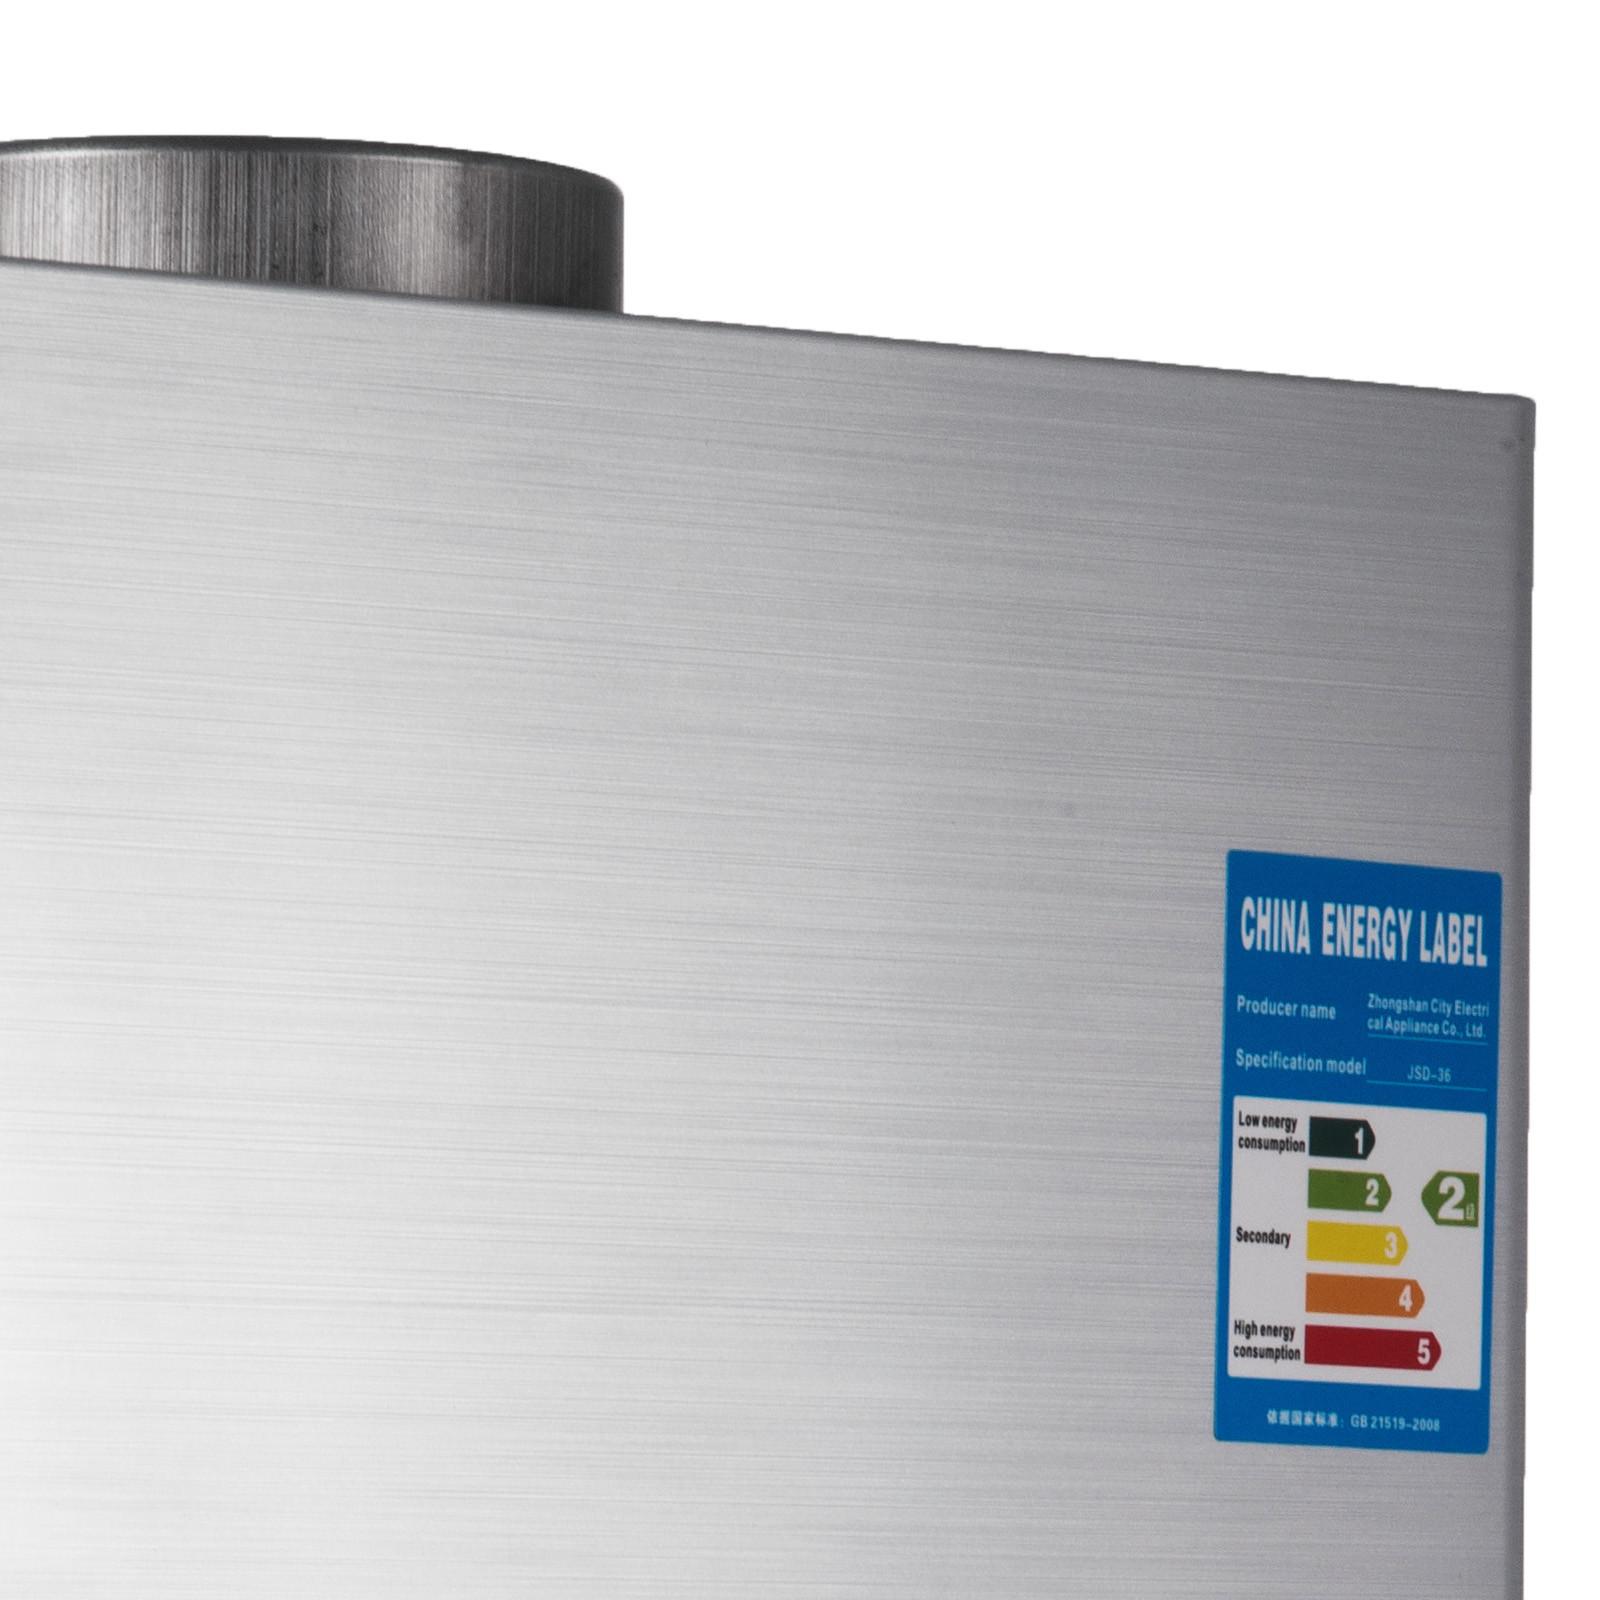 Propangas-Gas-Durchlauferhitzer-Warmwasserbereiter-Boiler-Warmwasserspeicher Indexbild 67